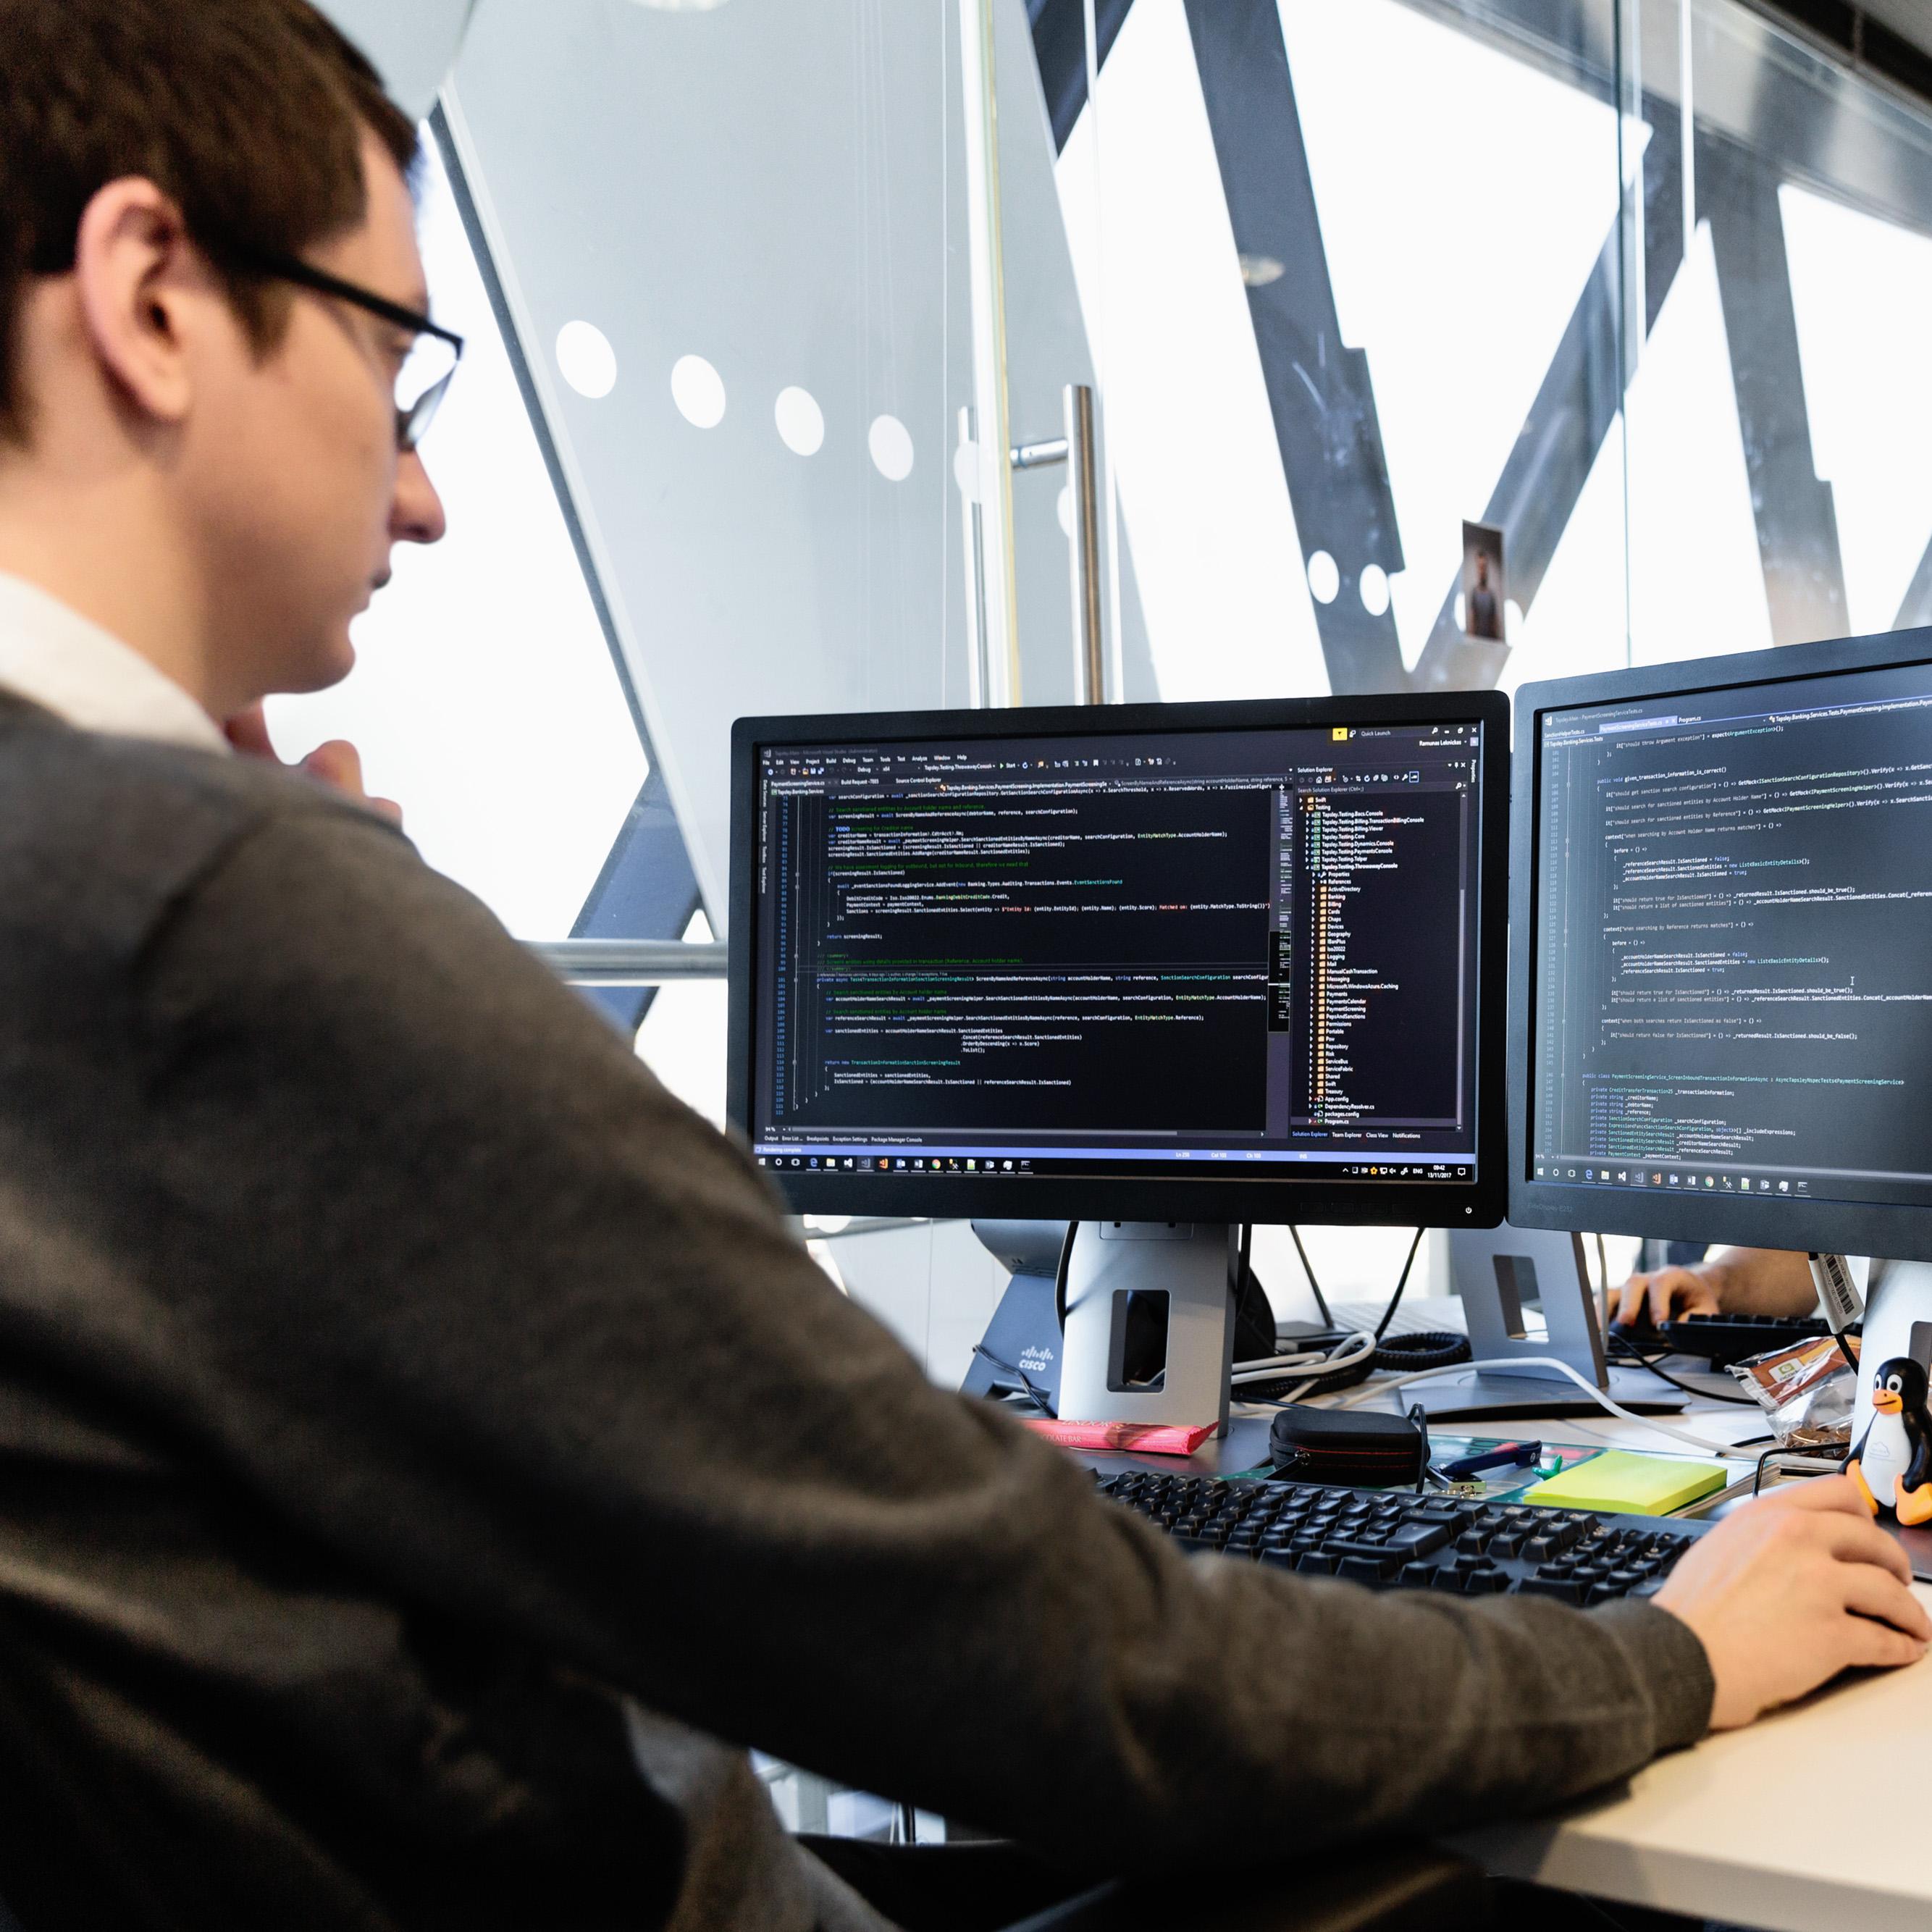 Dezvoltatorii de software din România au acces la proiectele Red Hat prin parteneriatul dintre Microsoft și Veracomp